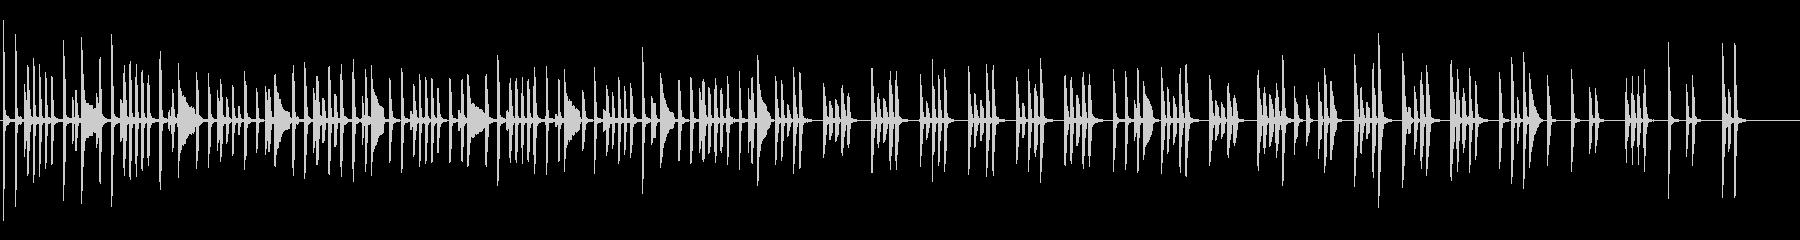 不思議な体操・シュール&コミカルなピアノの未再生の波形